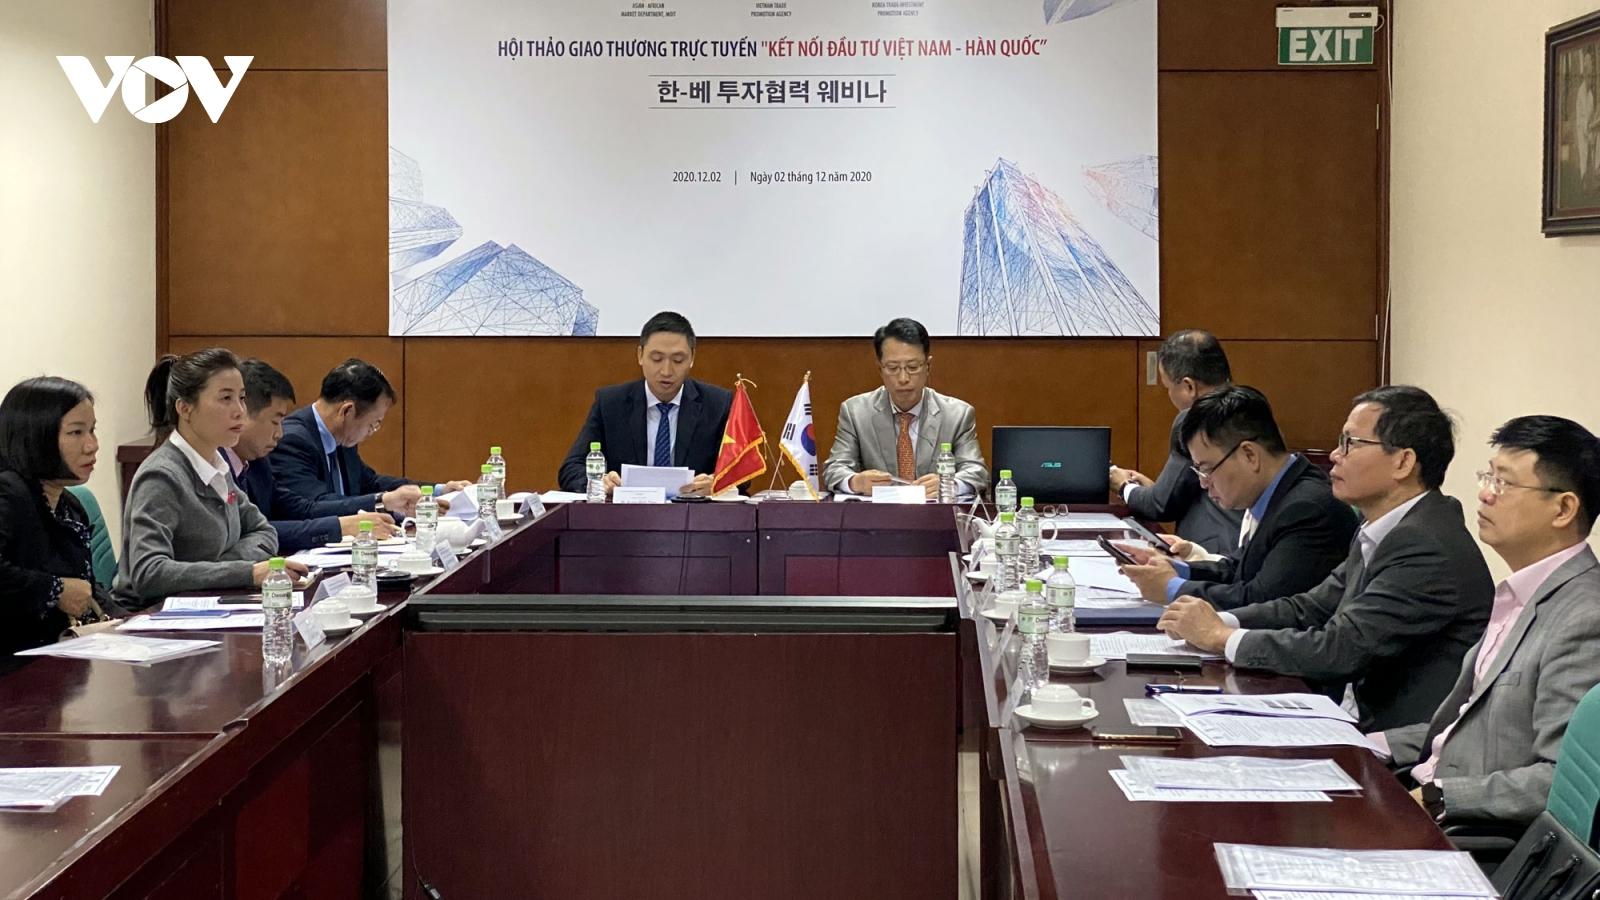 Hút đầu tư Hàn Quốc nâng trình độ công nghệ và năng lực Việt Nam